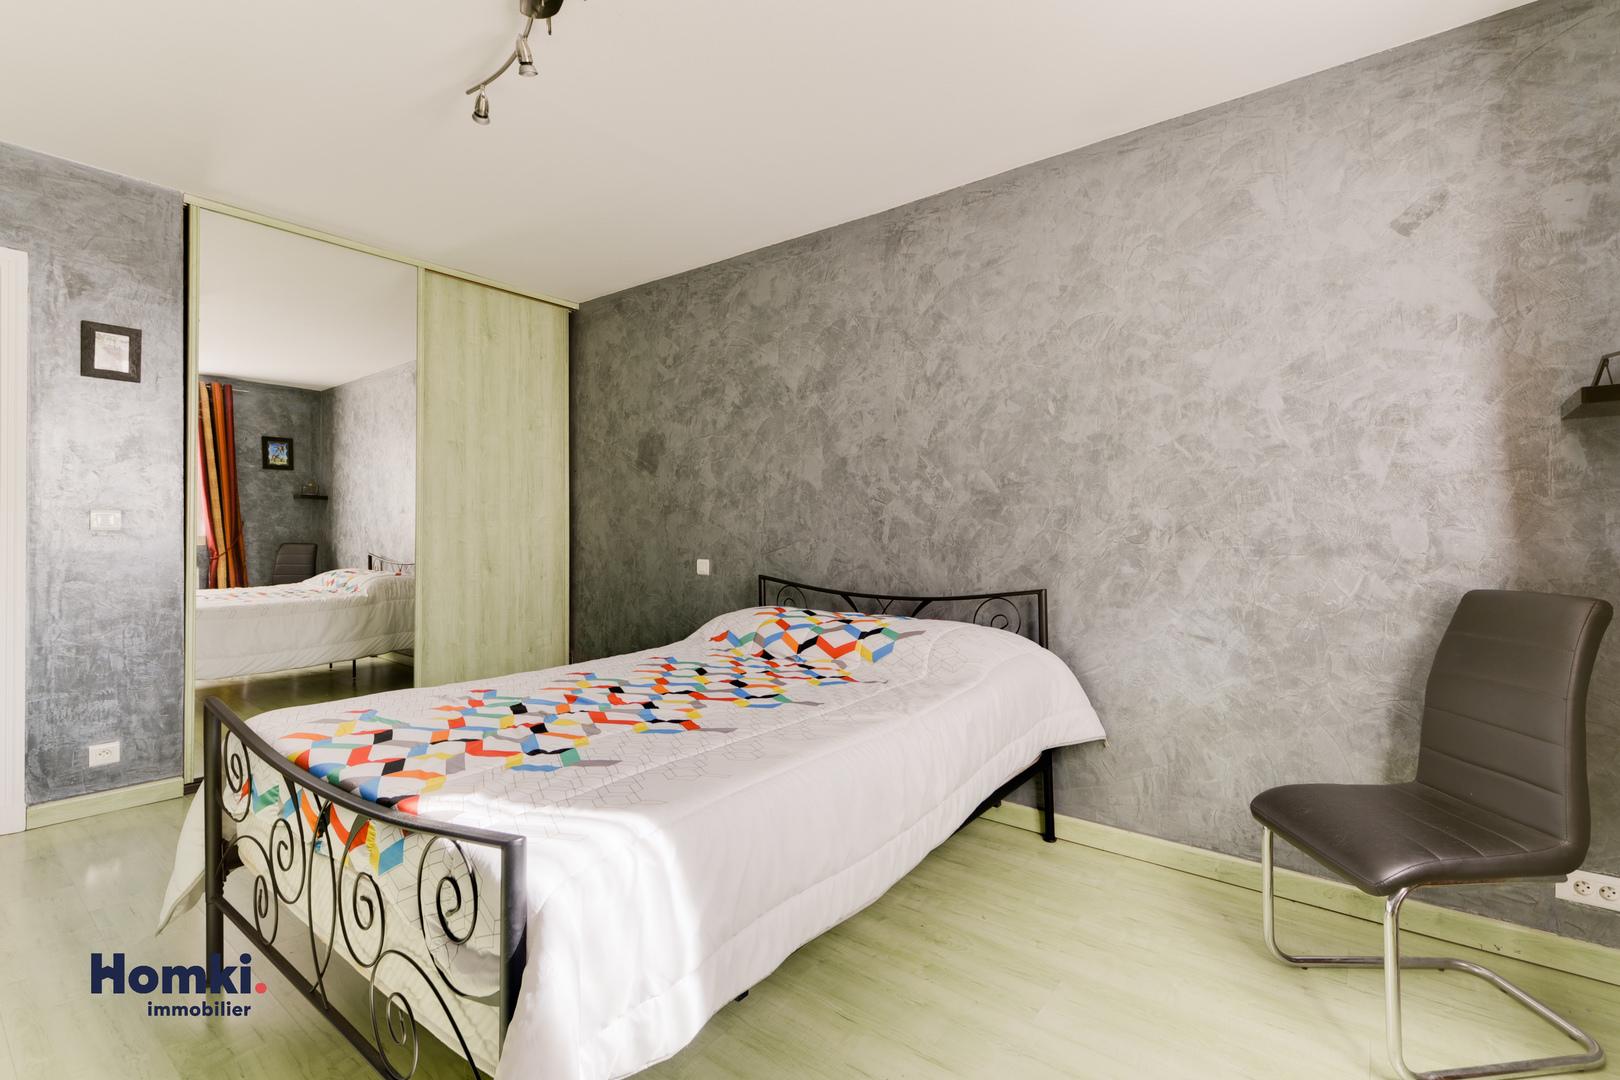 Vente Maison 160 m² T5 06440_7